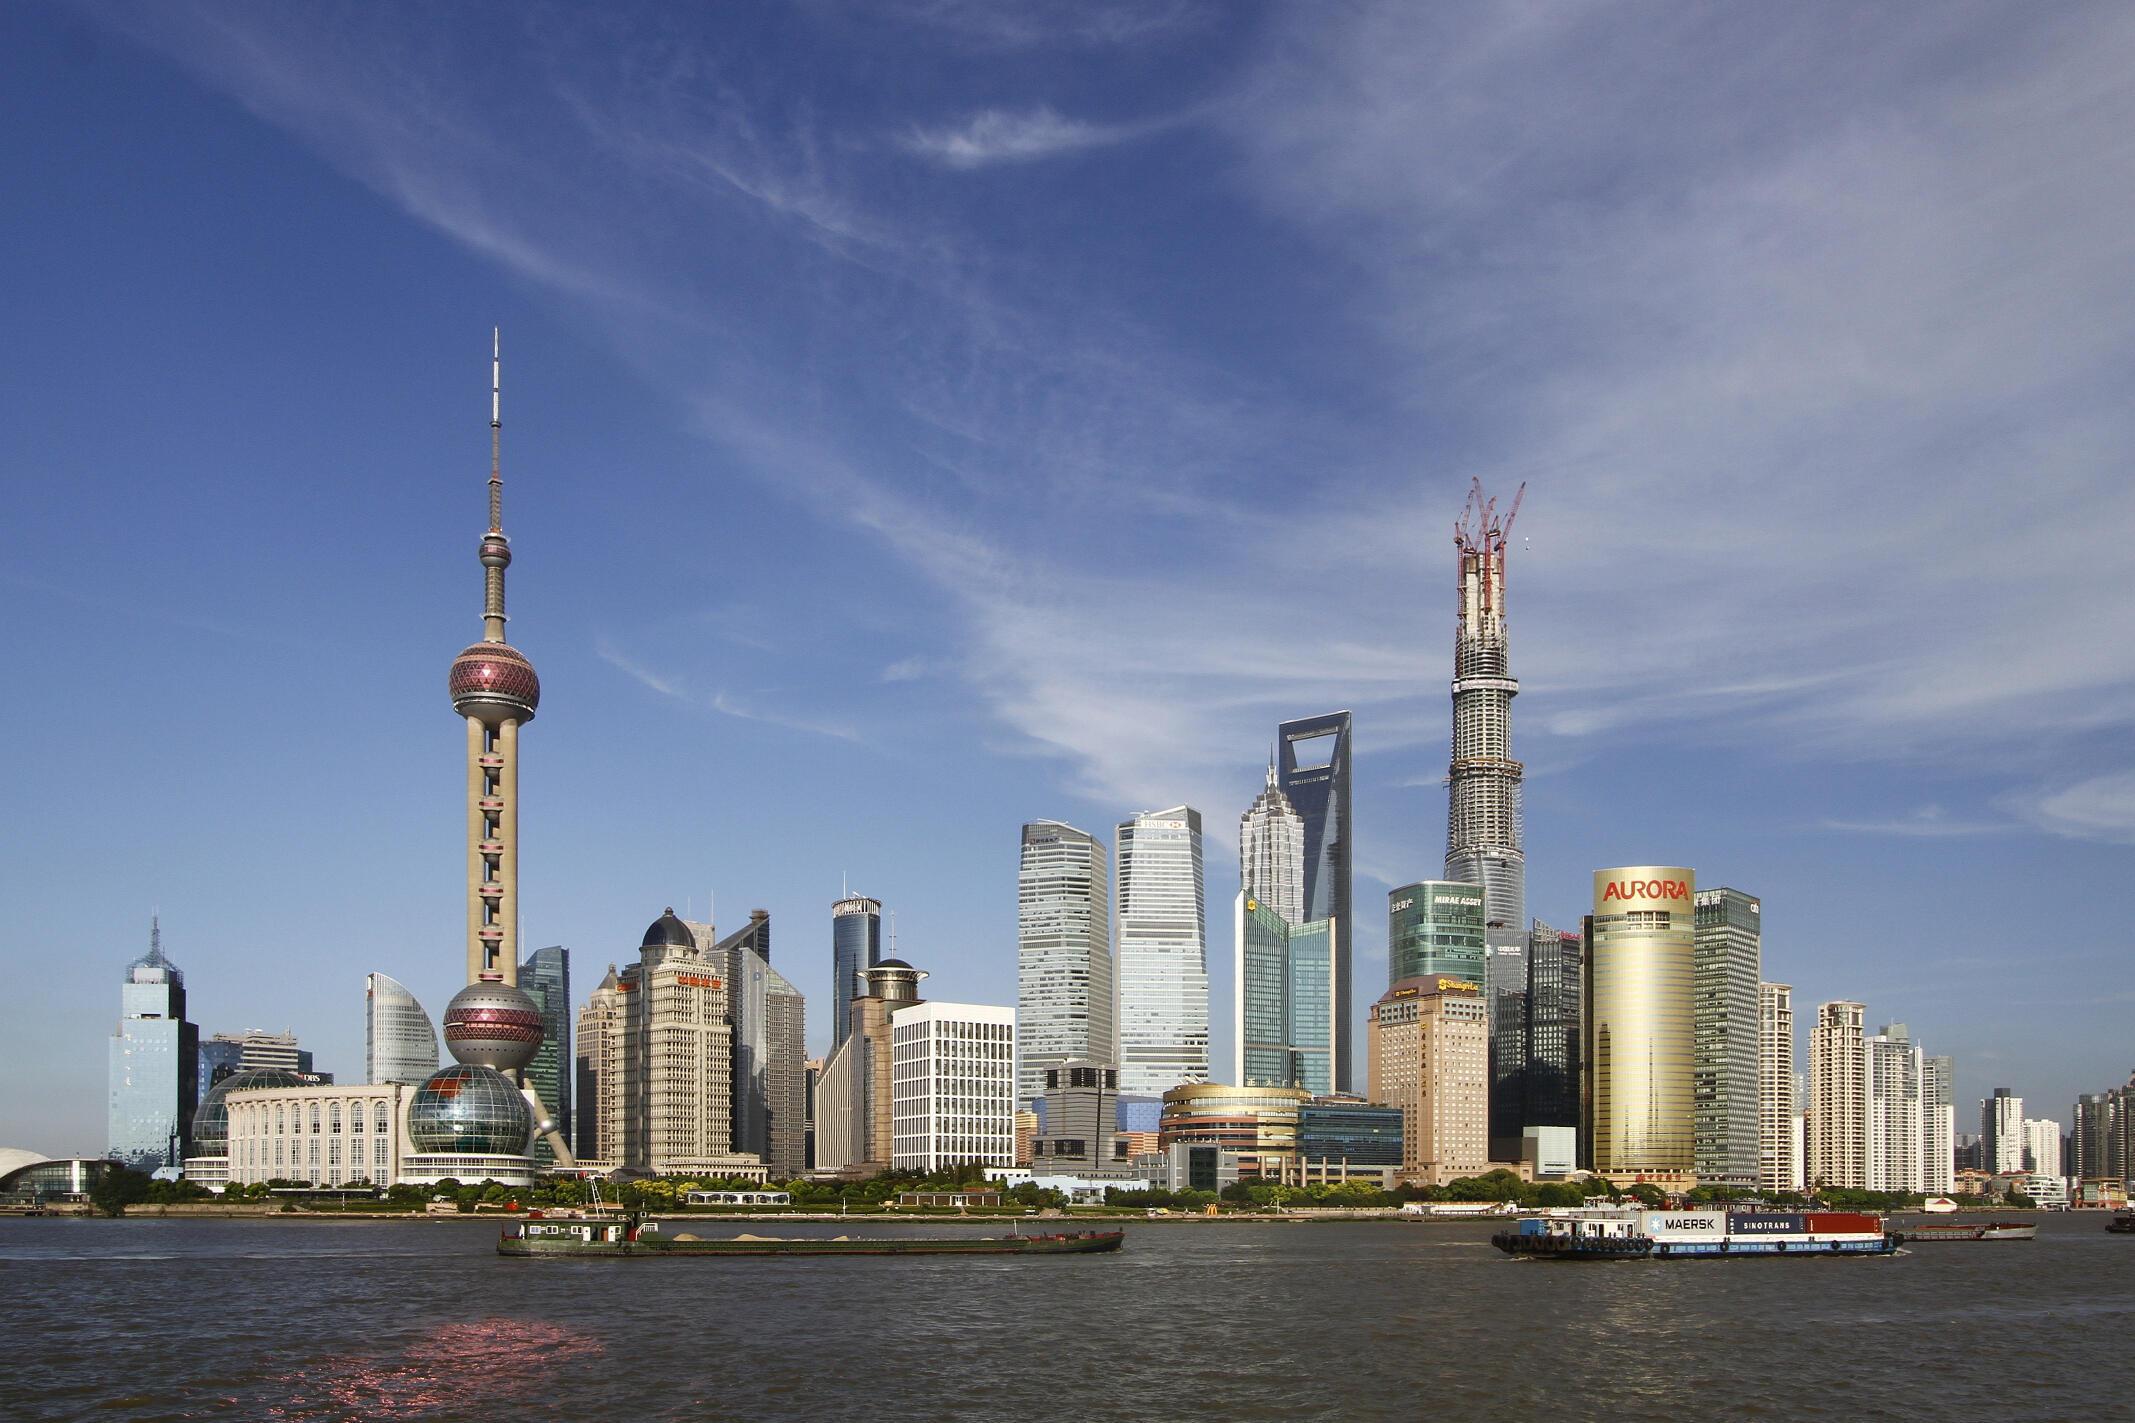 """Ông Ngải Bảo Tuấn (Ai Baojun), Phó thị trưởng Thượng Hải kiêm Giám đốc khu vực tự do mậu dịch (FTZ) đã bị điều tra vì """"vi phạm kỷ luật nghiêm trọng"""""""